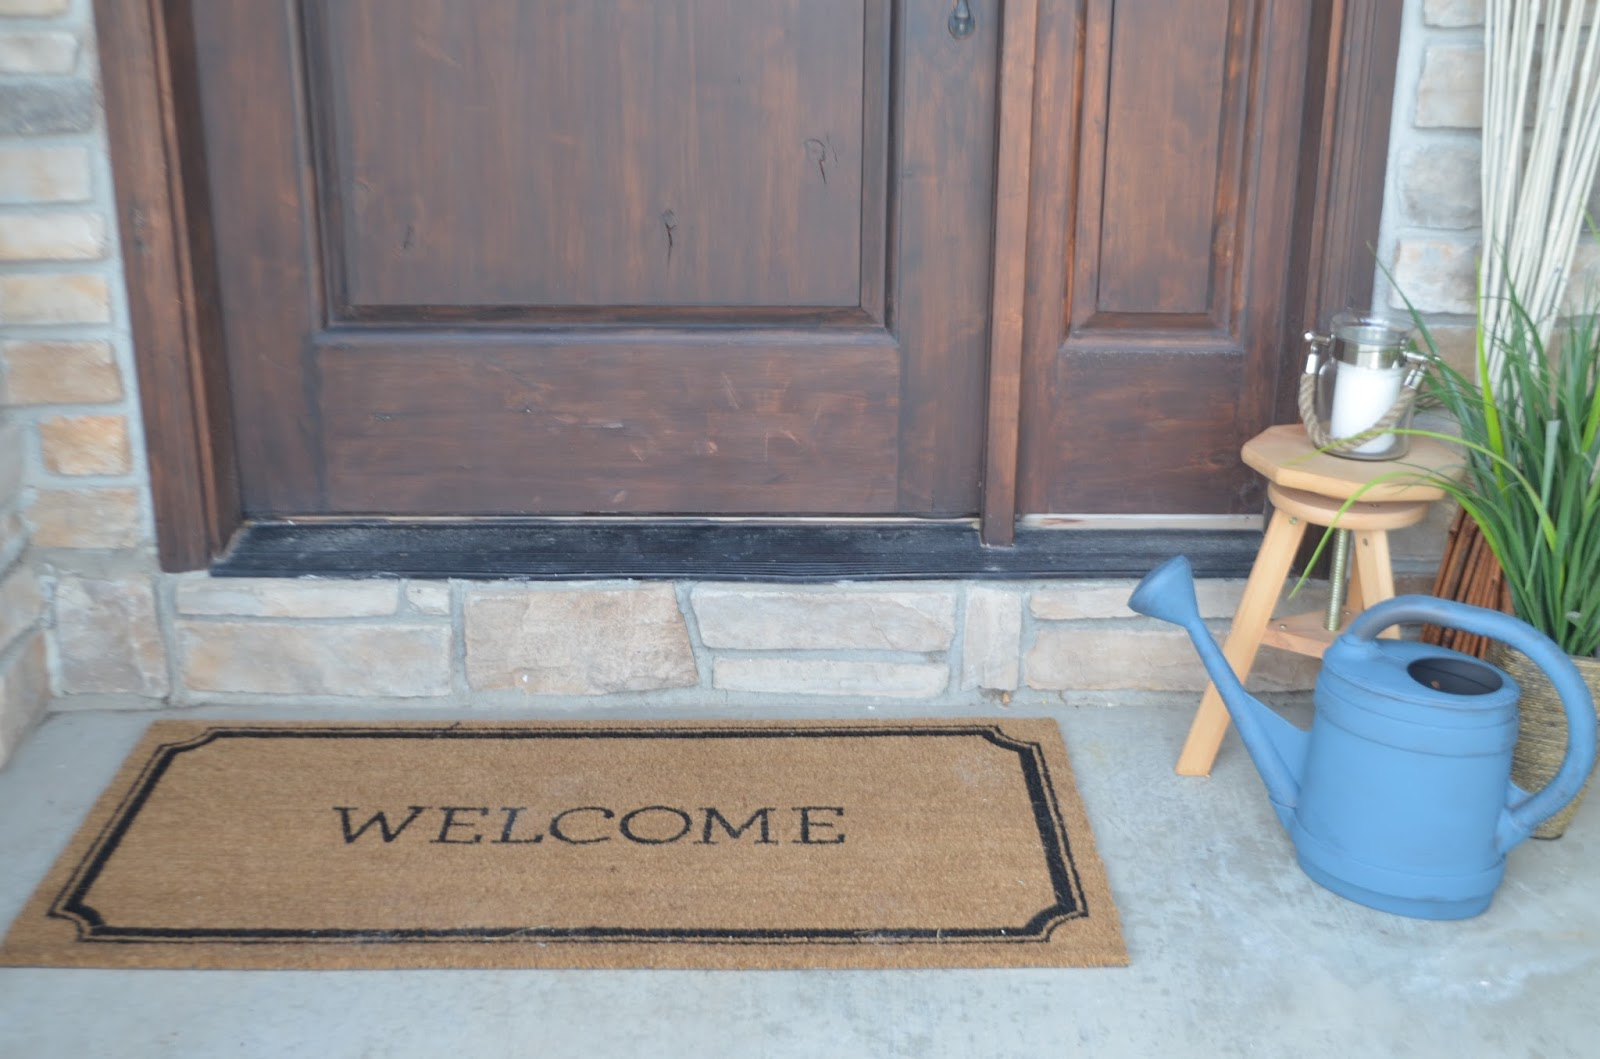 upcycle, patio, patio furniture, outdoor decor, door mat